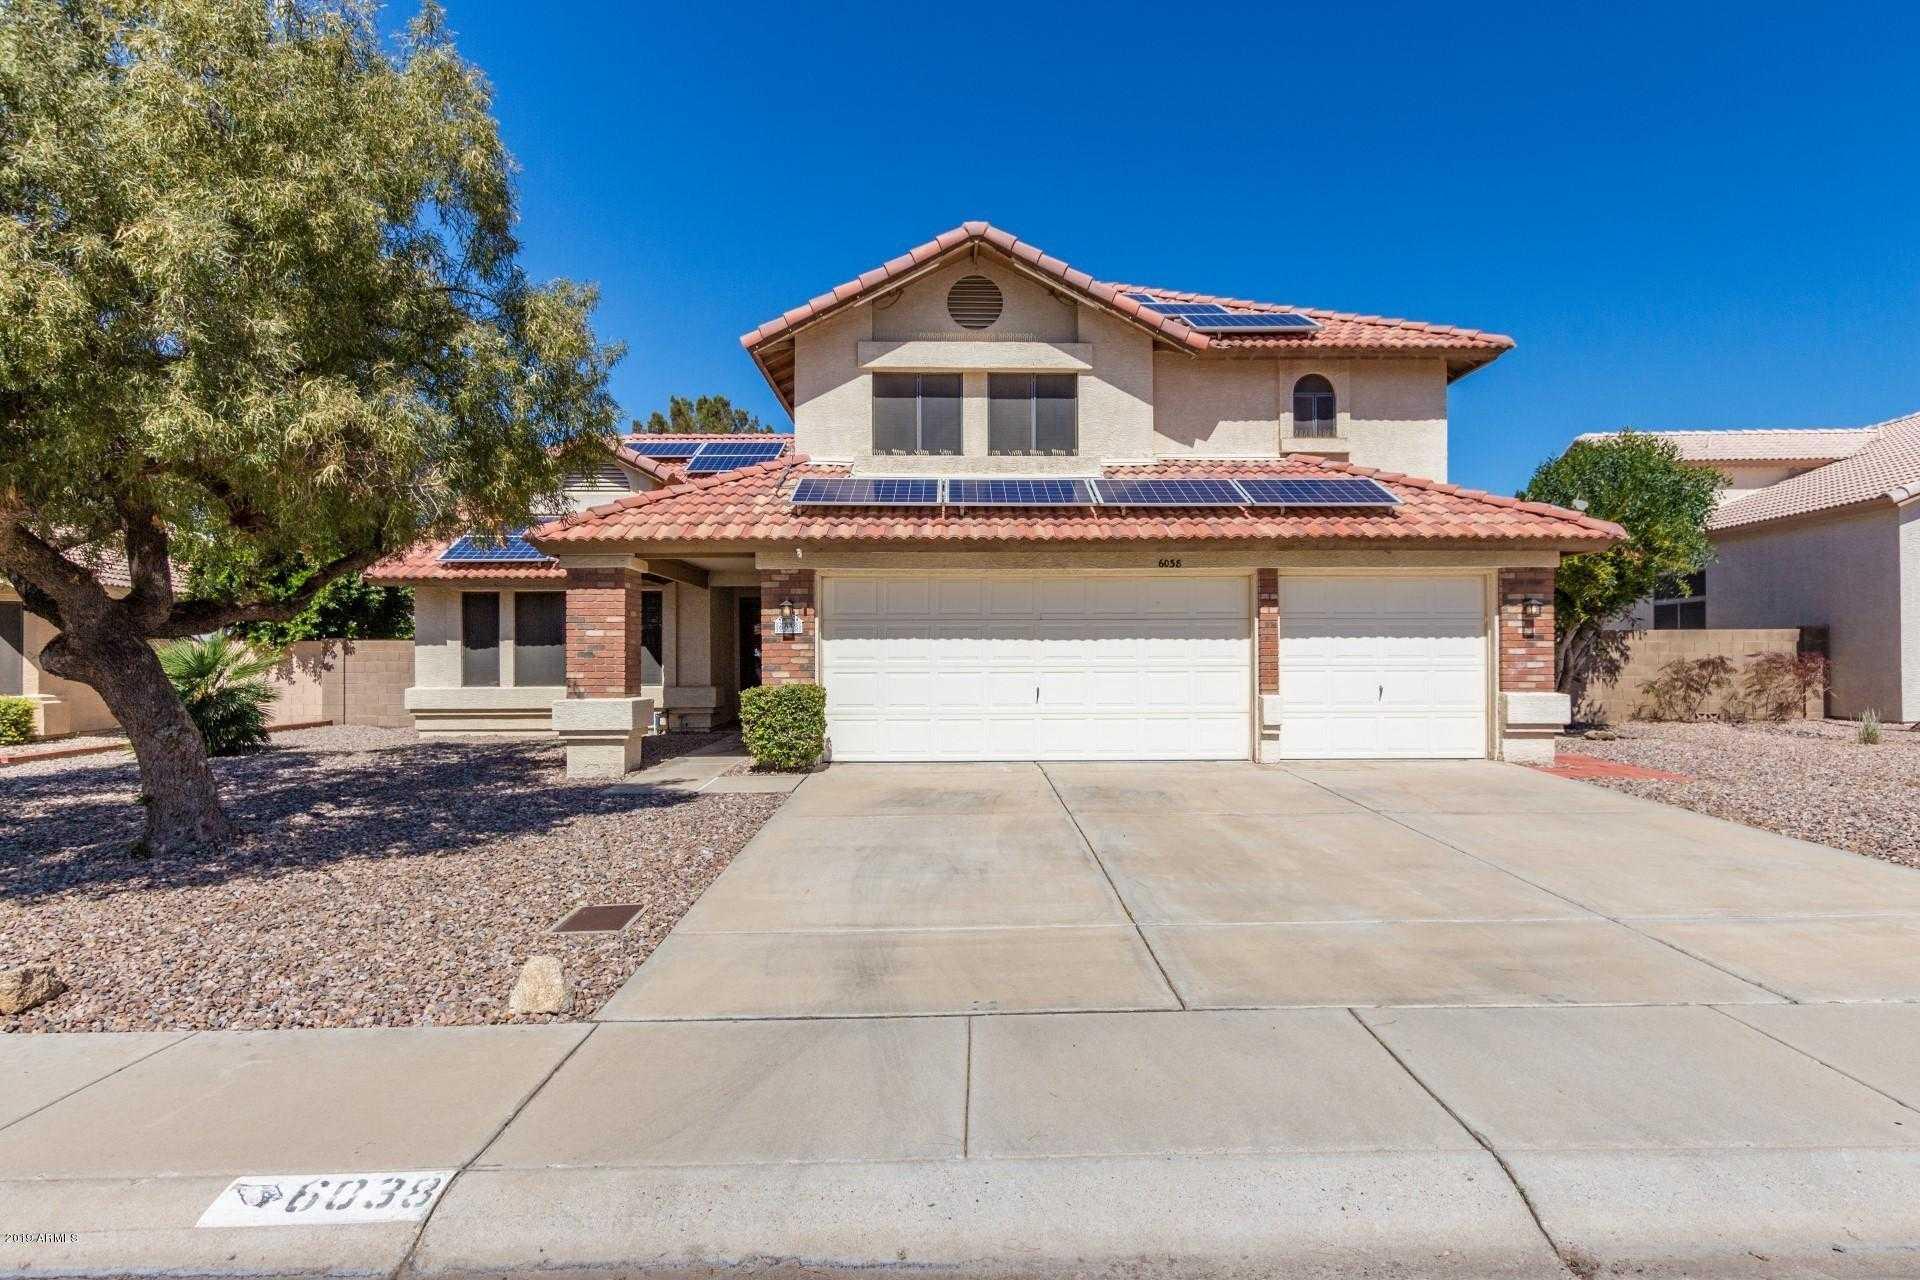 $373,000 - 4Br/3Ba - Home for Sale in Sunset Vista 7 Lot 379-433, Glendale